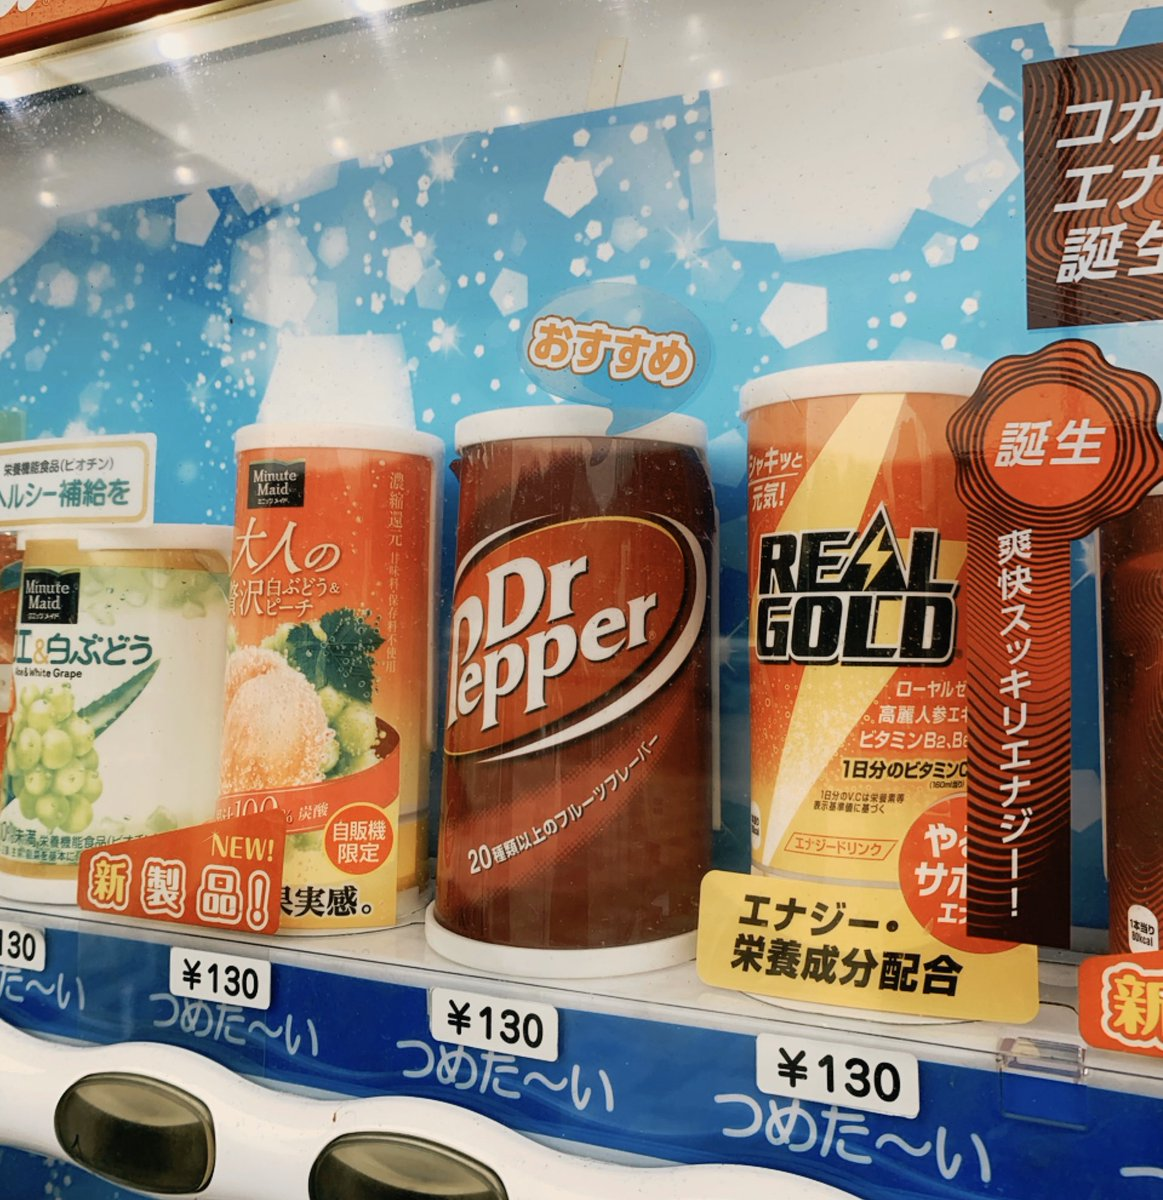 感動~🥺初めて見ました☺️ドクペが並んでる自動販売機😆しかも、おすすめ~😍金沢ではそんな自動販売機見た事ないから思わず買ってしまいました💕長女シャト-♡#肉大好き #ドクペ#風俗 #求人 #デリへル #金沢 #富山 #長野 #体験入店 #wワーク